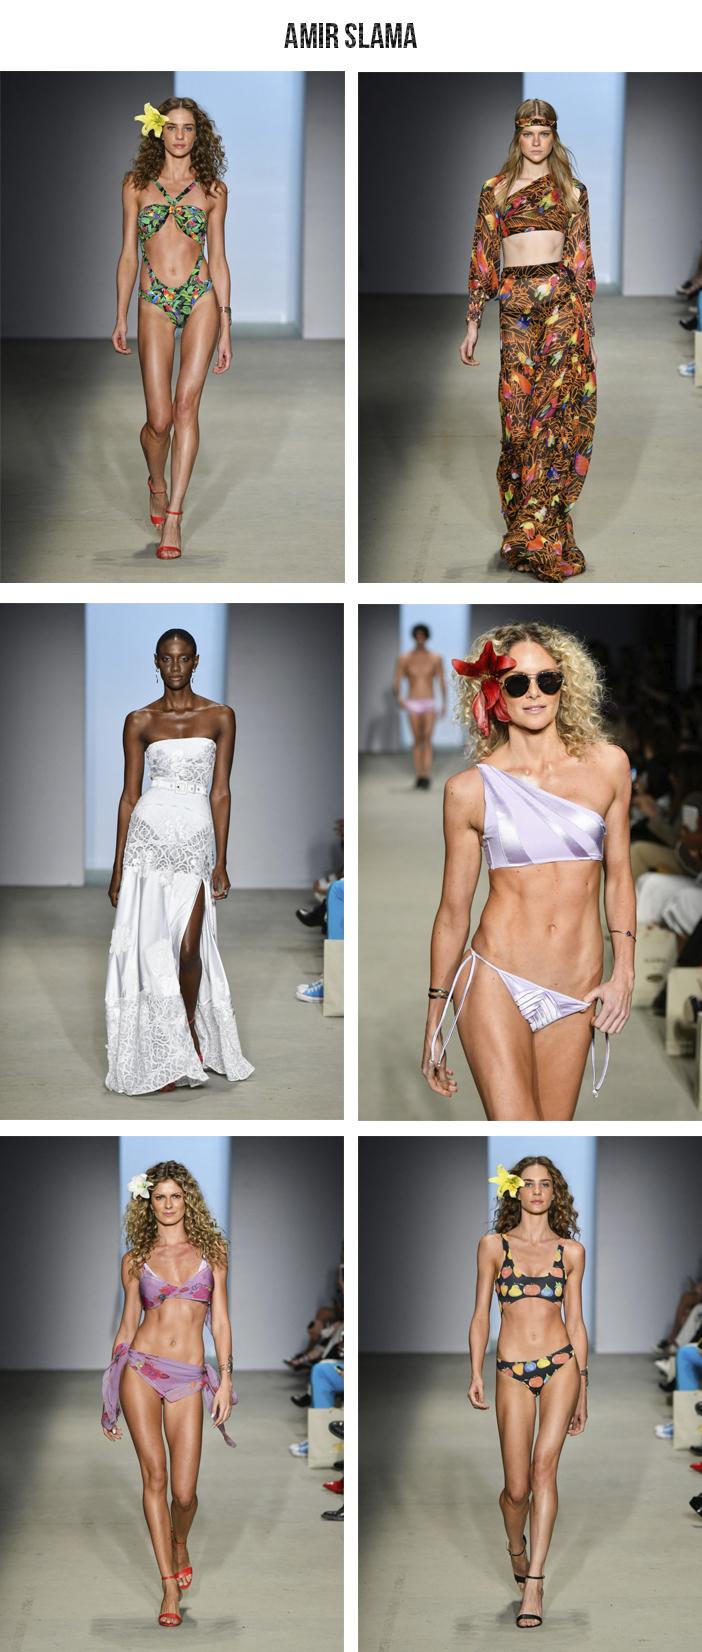 São Paulo Fashion Week N46 Parte 2 - Amir Slama